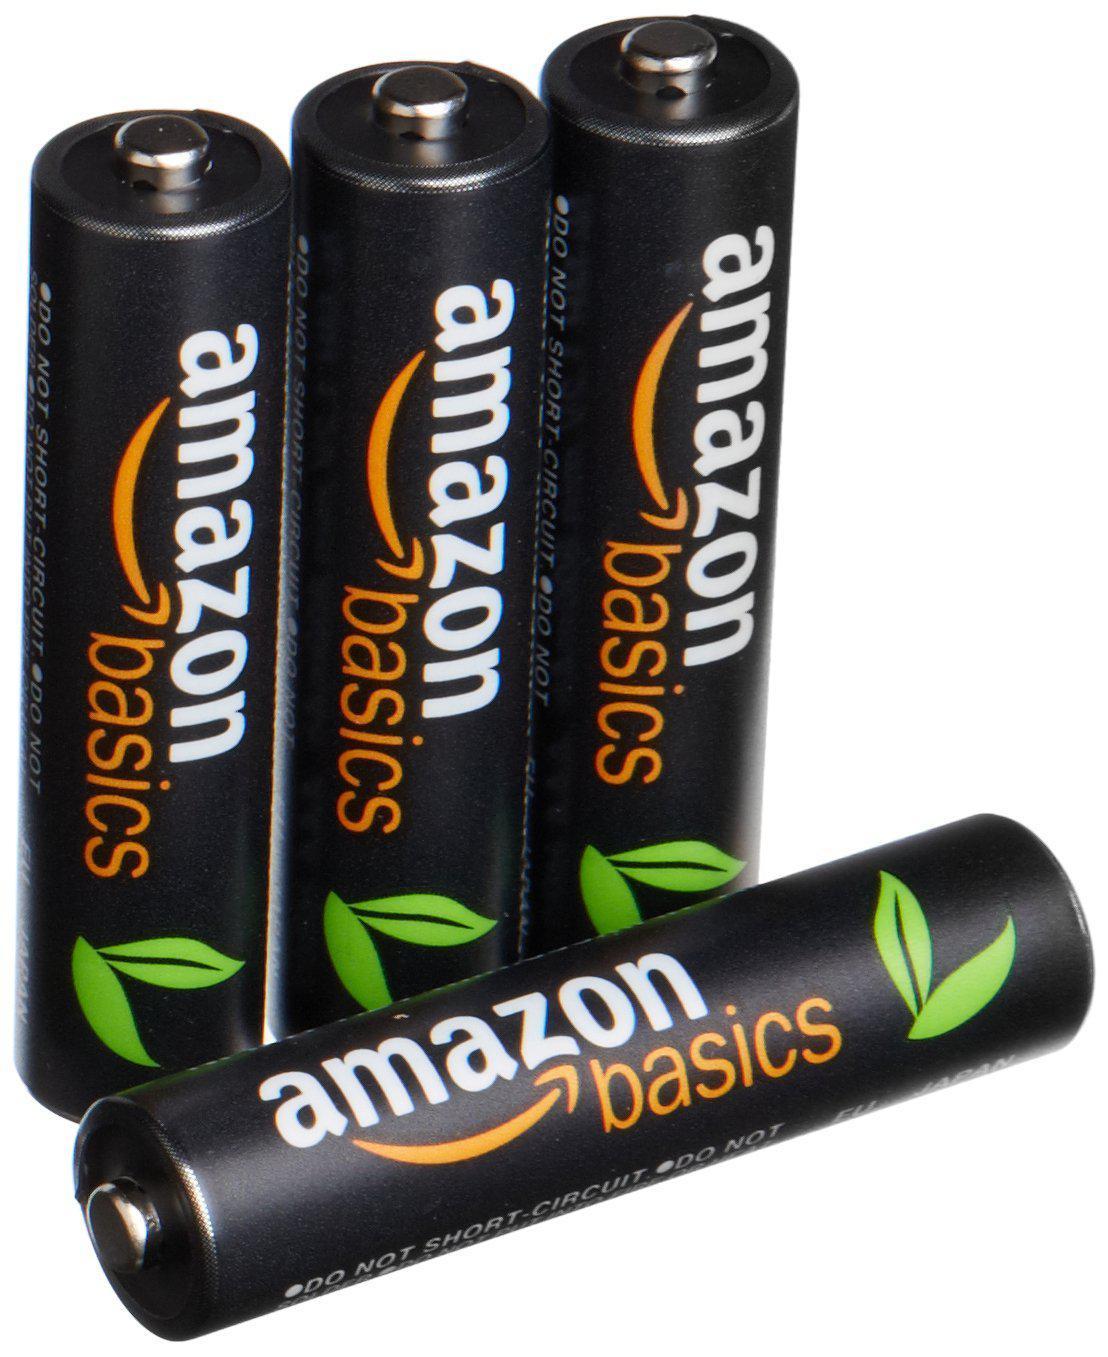 Lot de 4 piles AmazonBasics AAA Ni-MH rechargeables pré-chargées 800 mAh